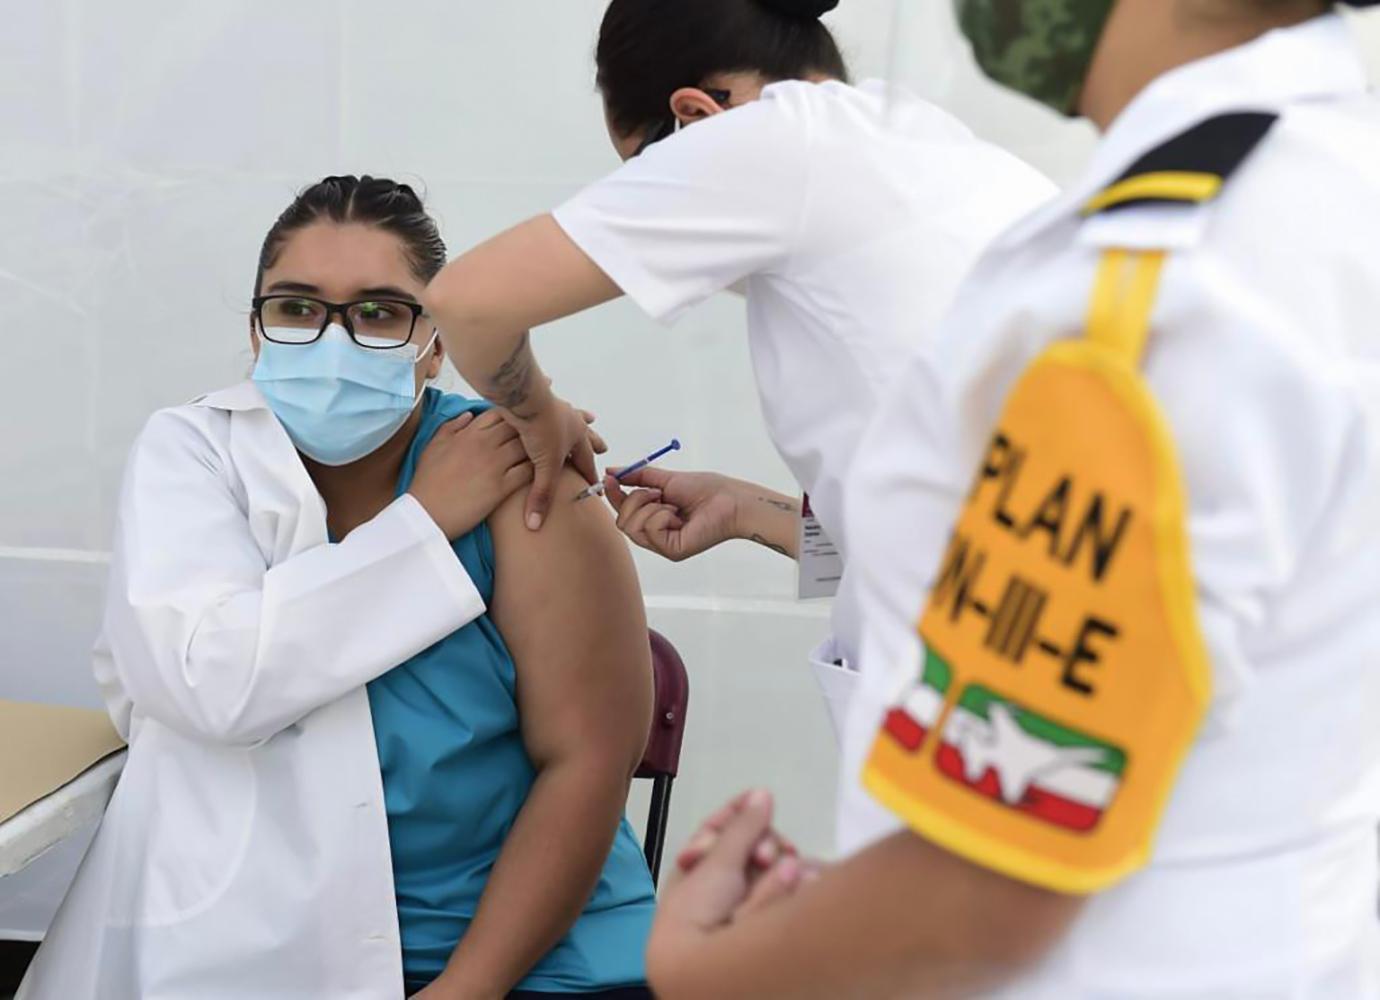 """Inicia vacunación contra COVID19 en personal de salud """"hay presupuesto suficiente para las dósis necesarias"""": AMLO"""